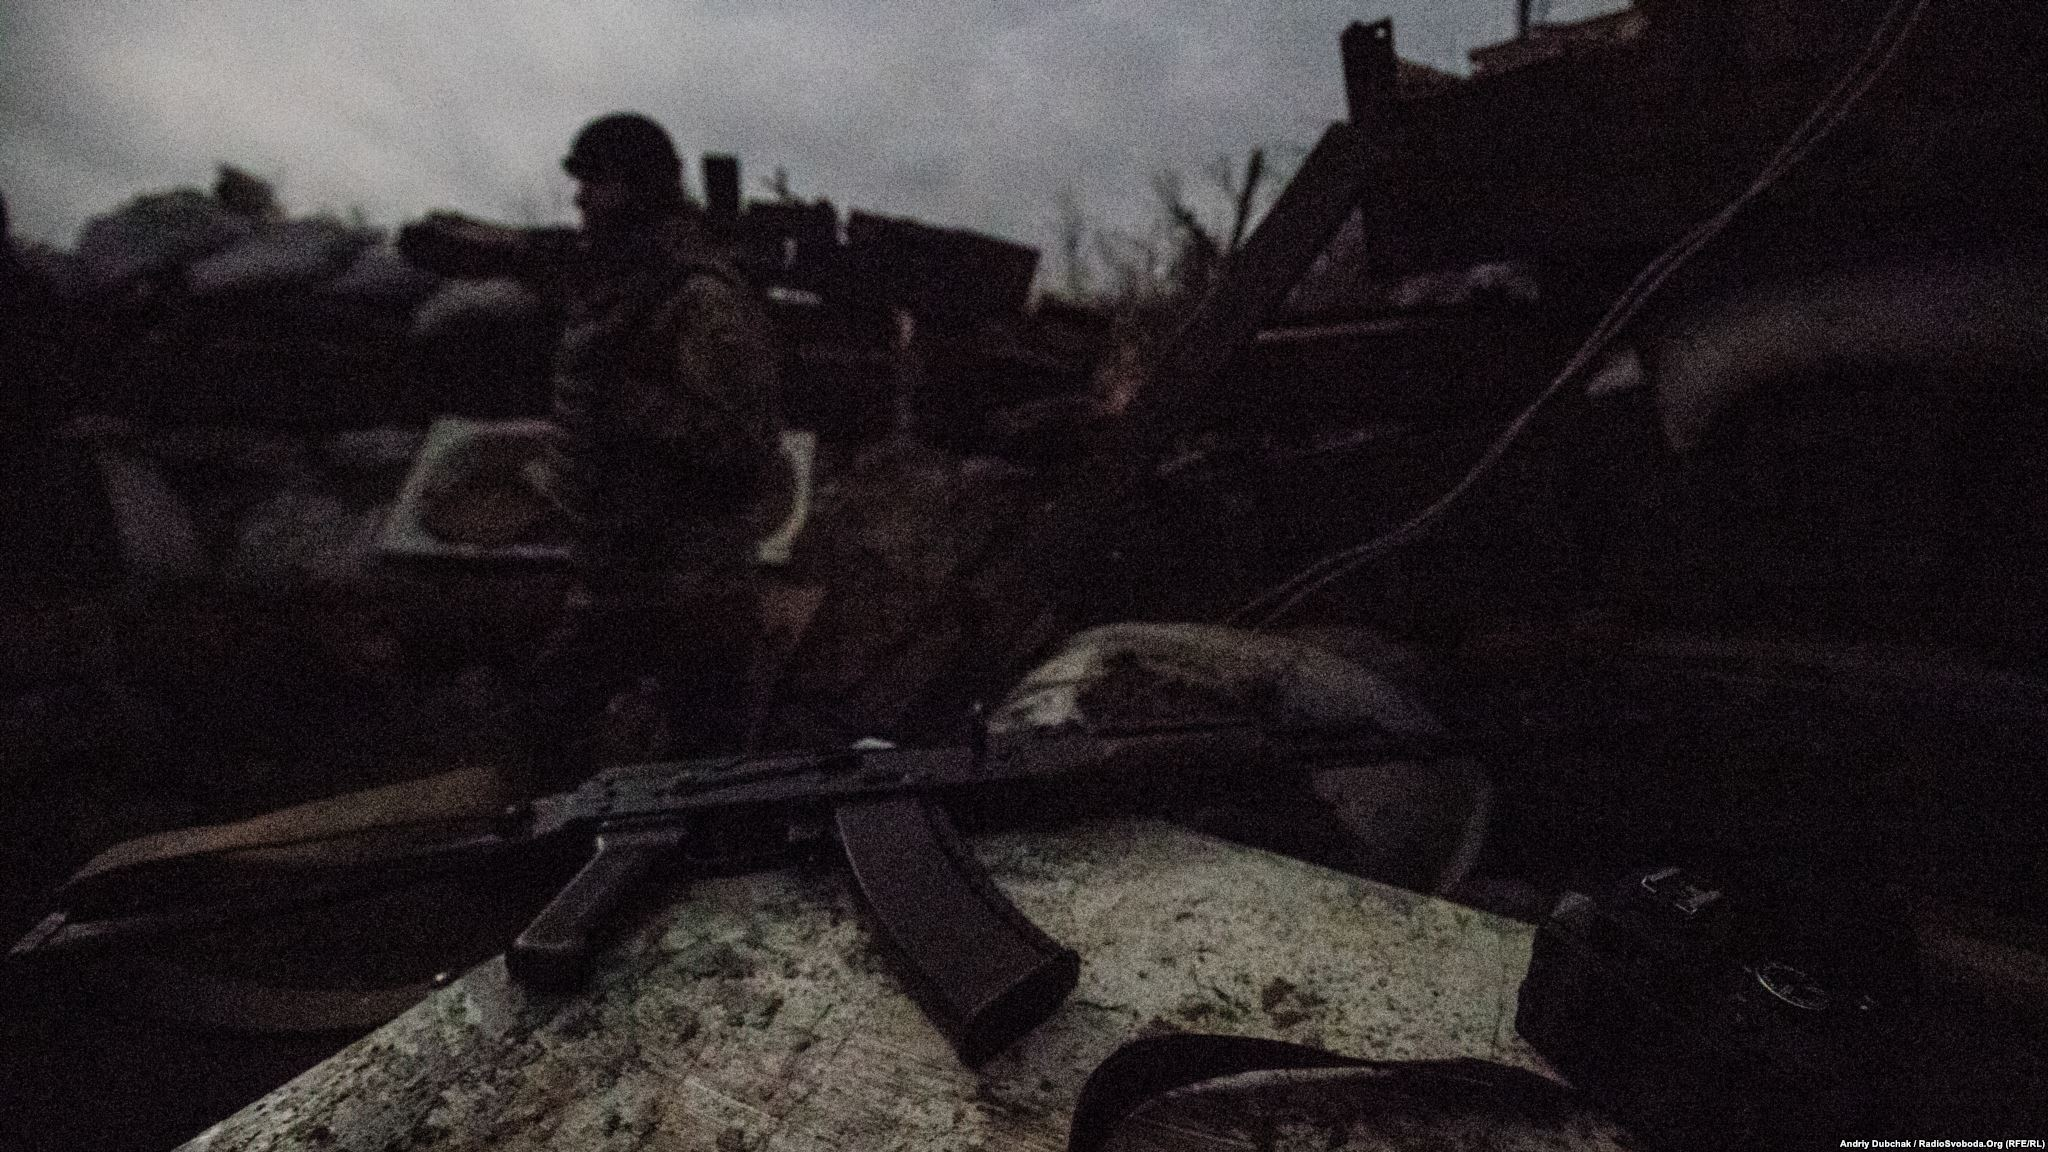 Вночі кількість військових в дозорах та на бойових позиціях зазвичай збільшується. Та й бойові зіткнення зазвичай відбуваються у темну пору доби (фотограф Андрей Дубчак / Andriy Dubchak)